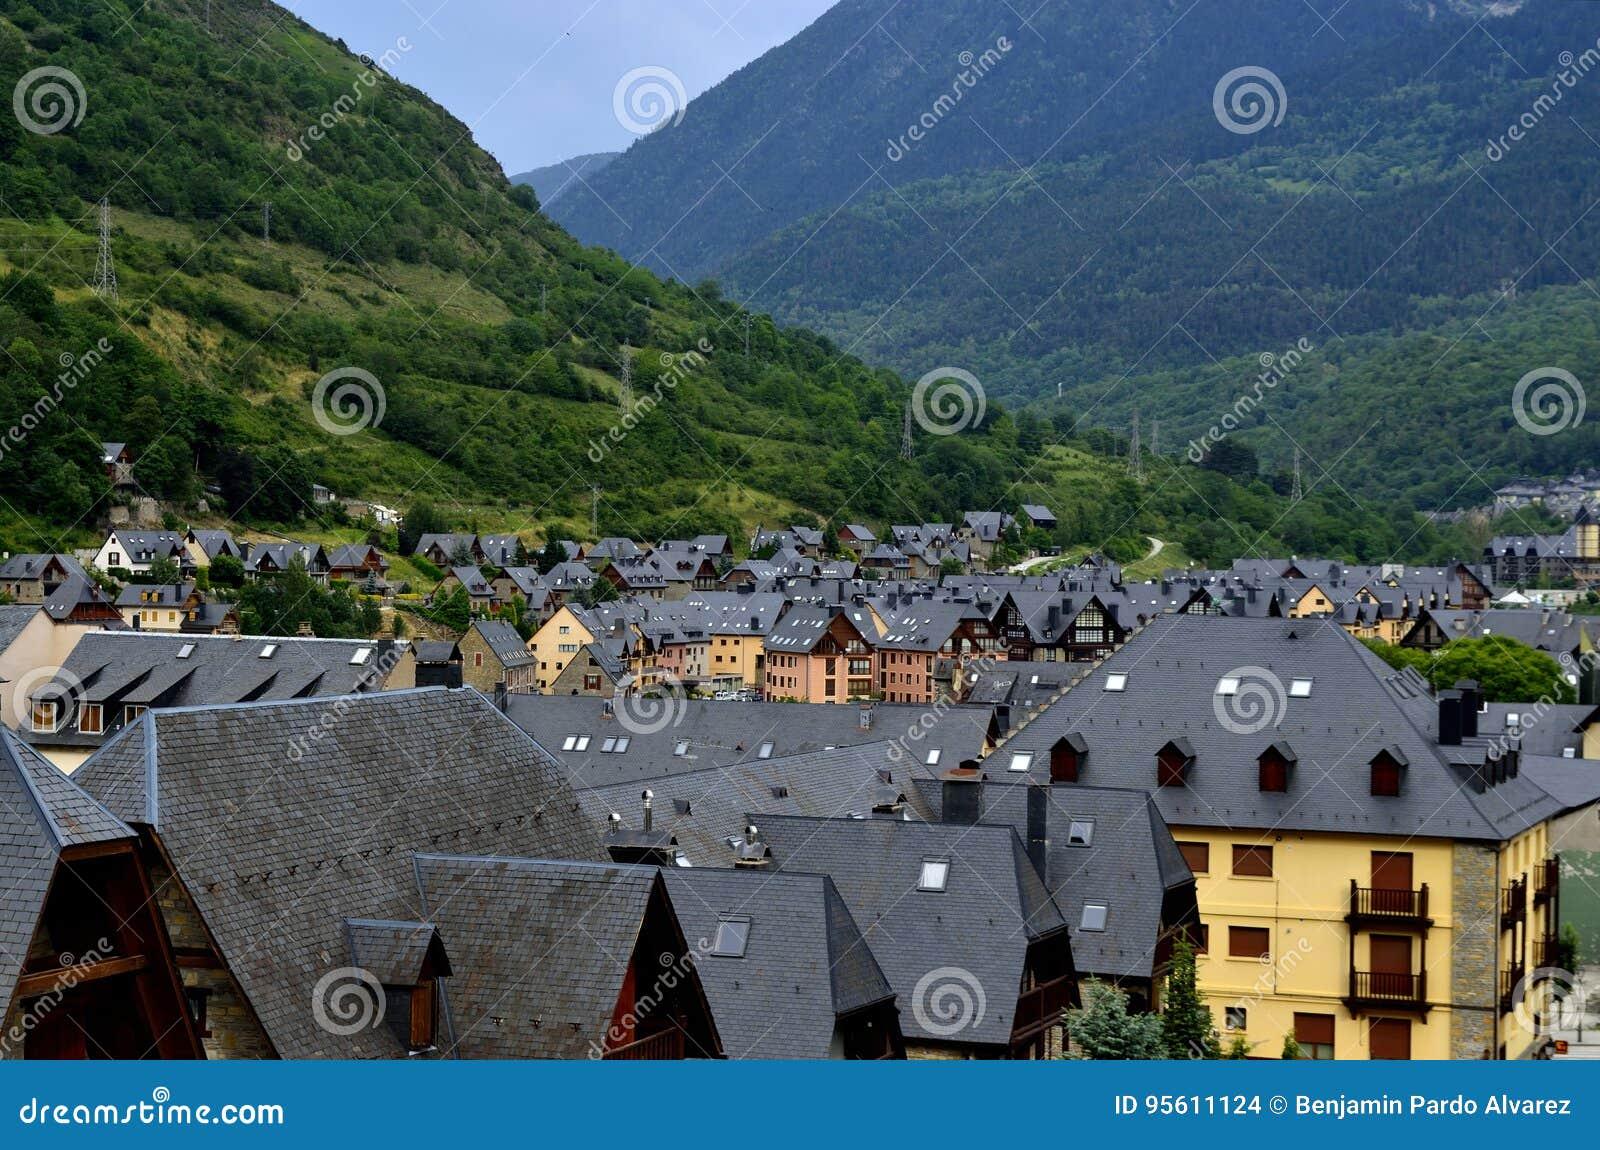 Mar de pizarra stock photo image of ciudad ciuda - Inmobiliarias valle de aran ...